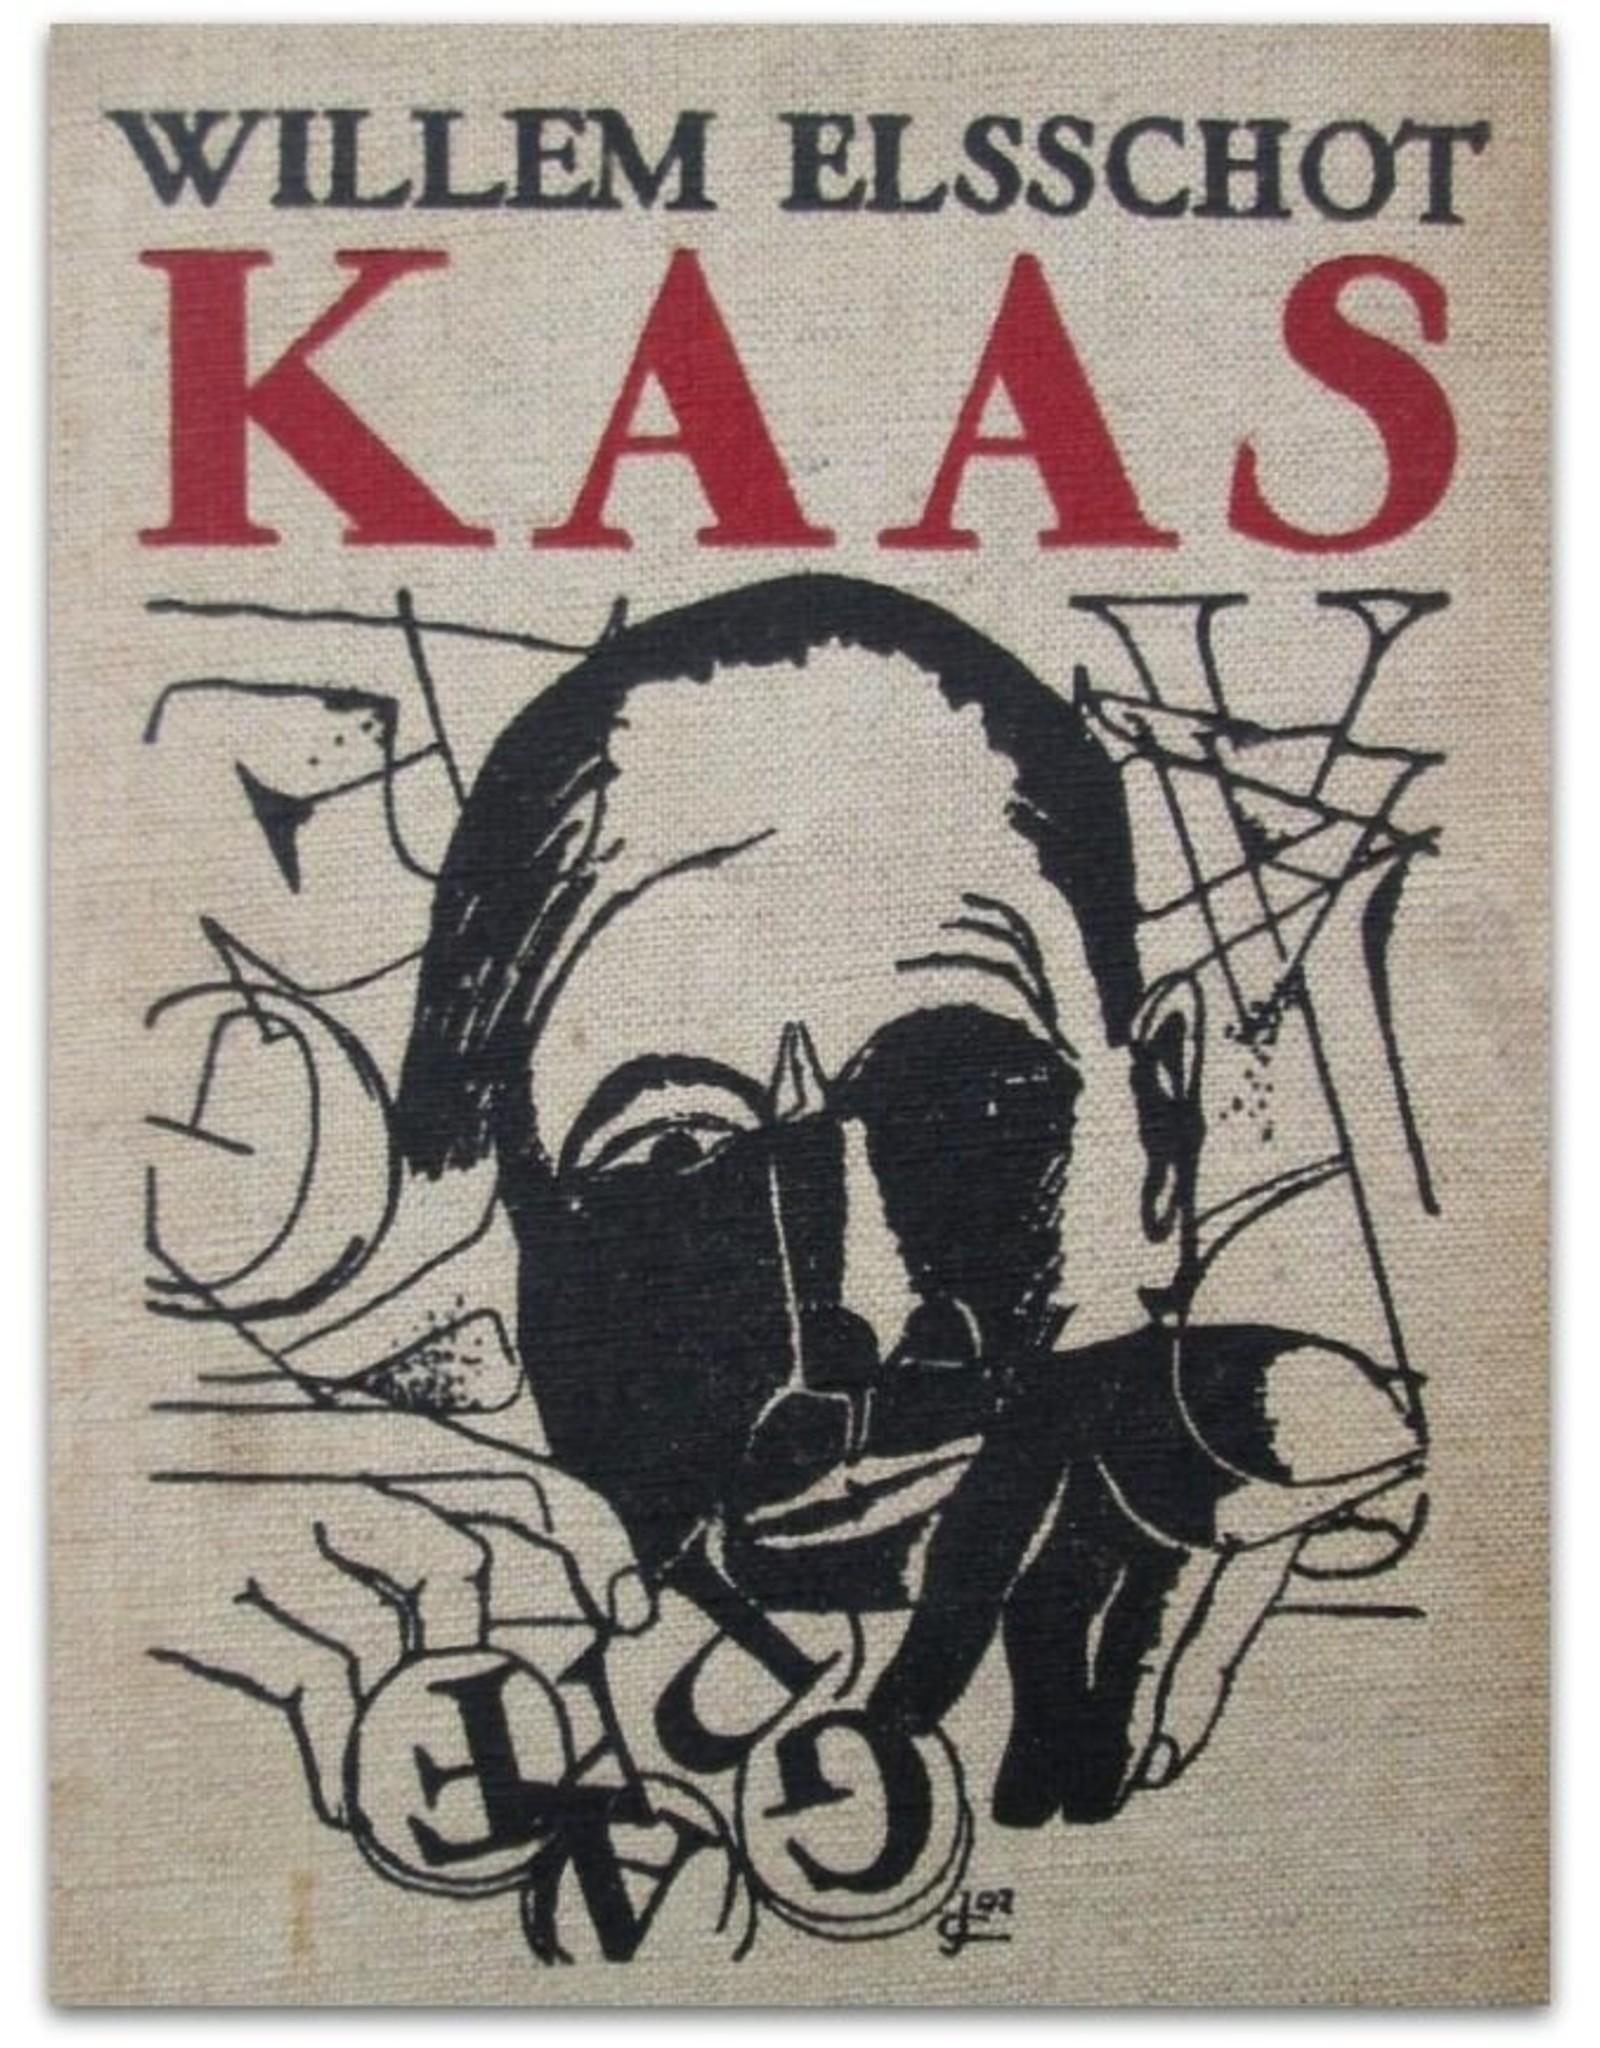 Willem Elsschot - Kaas. Versierd door Jozef Cantré